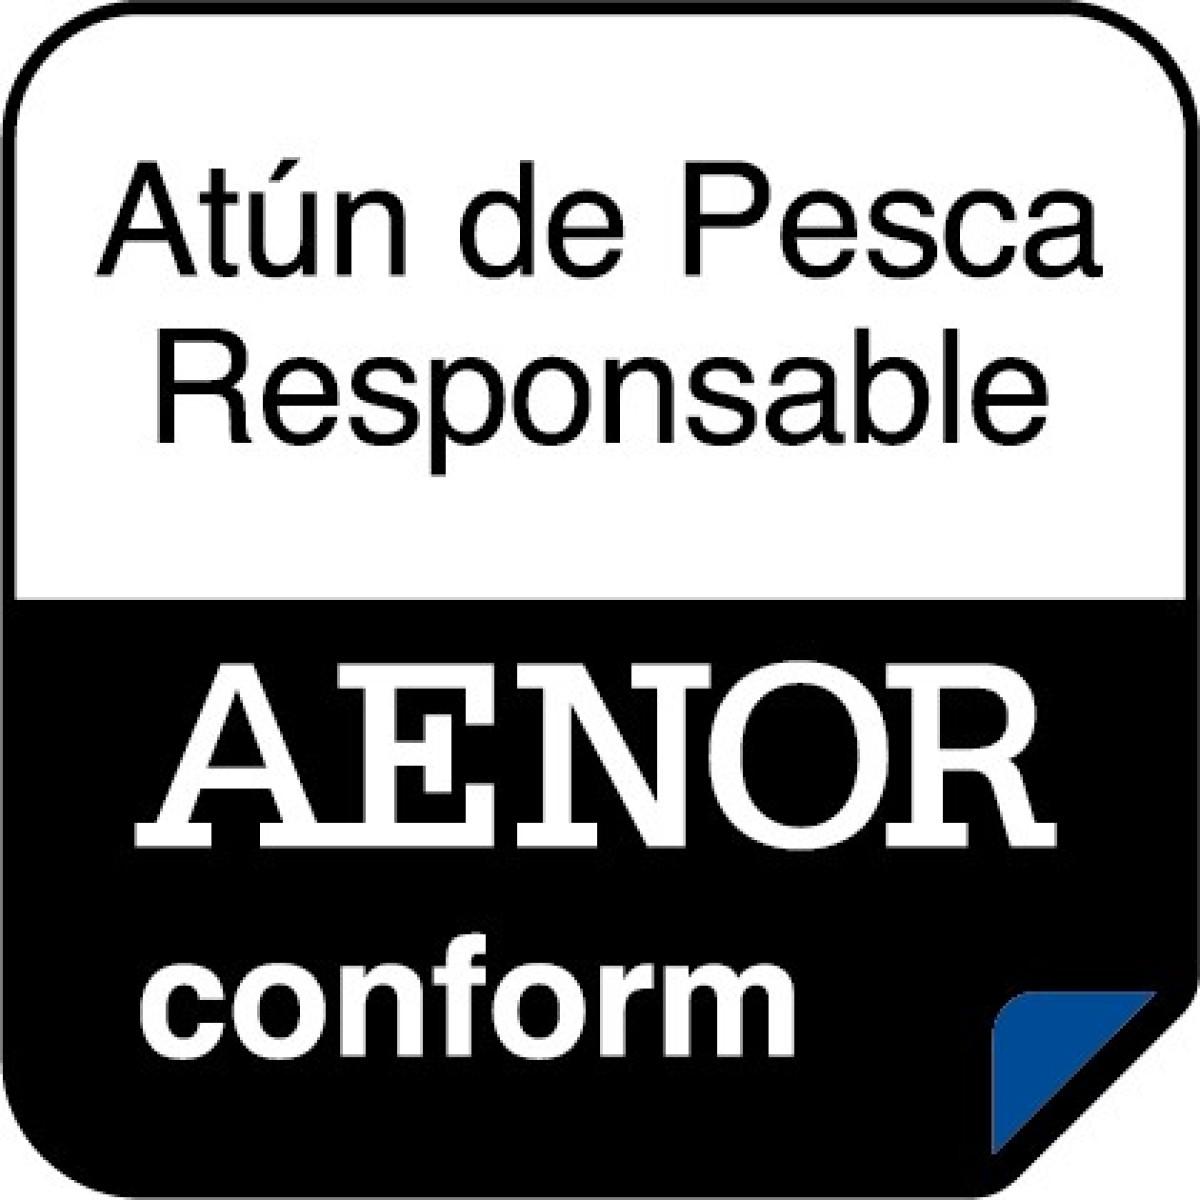 Logo certificado AENOR APR (1)